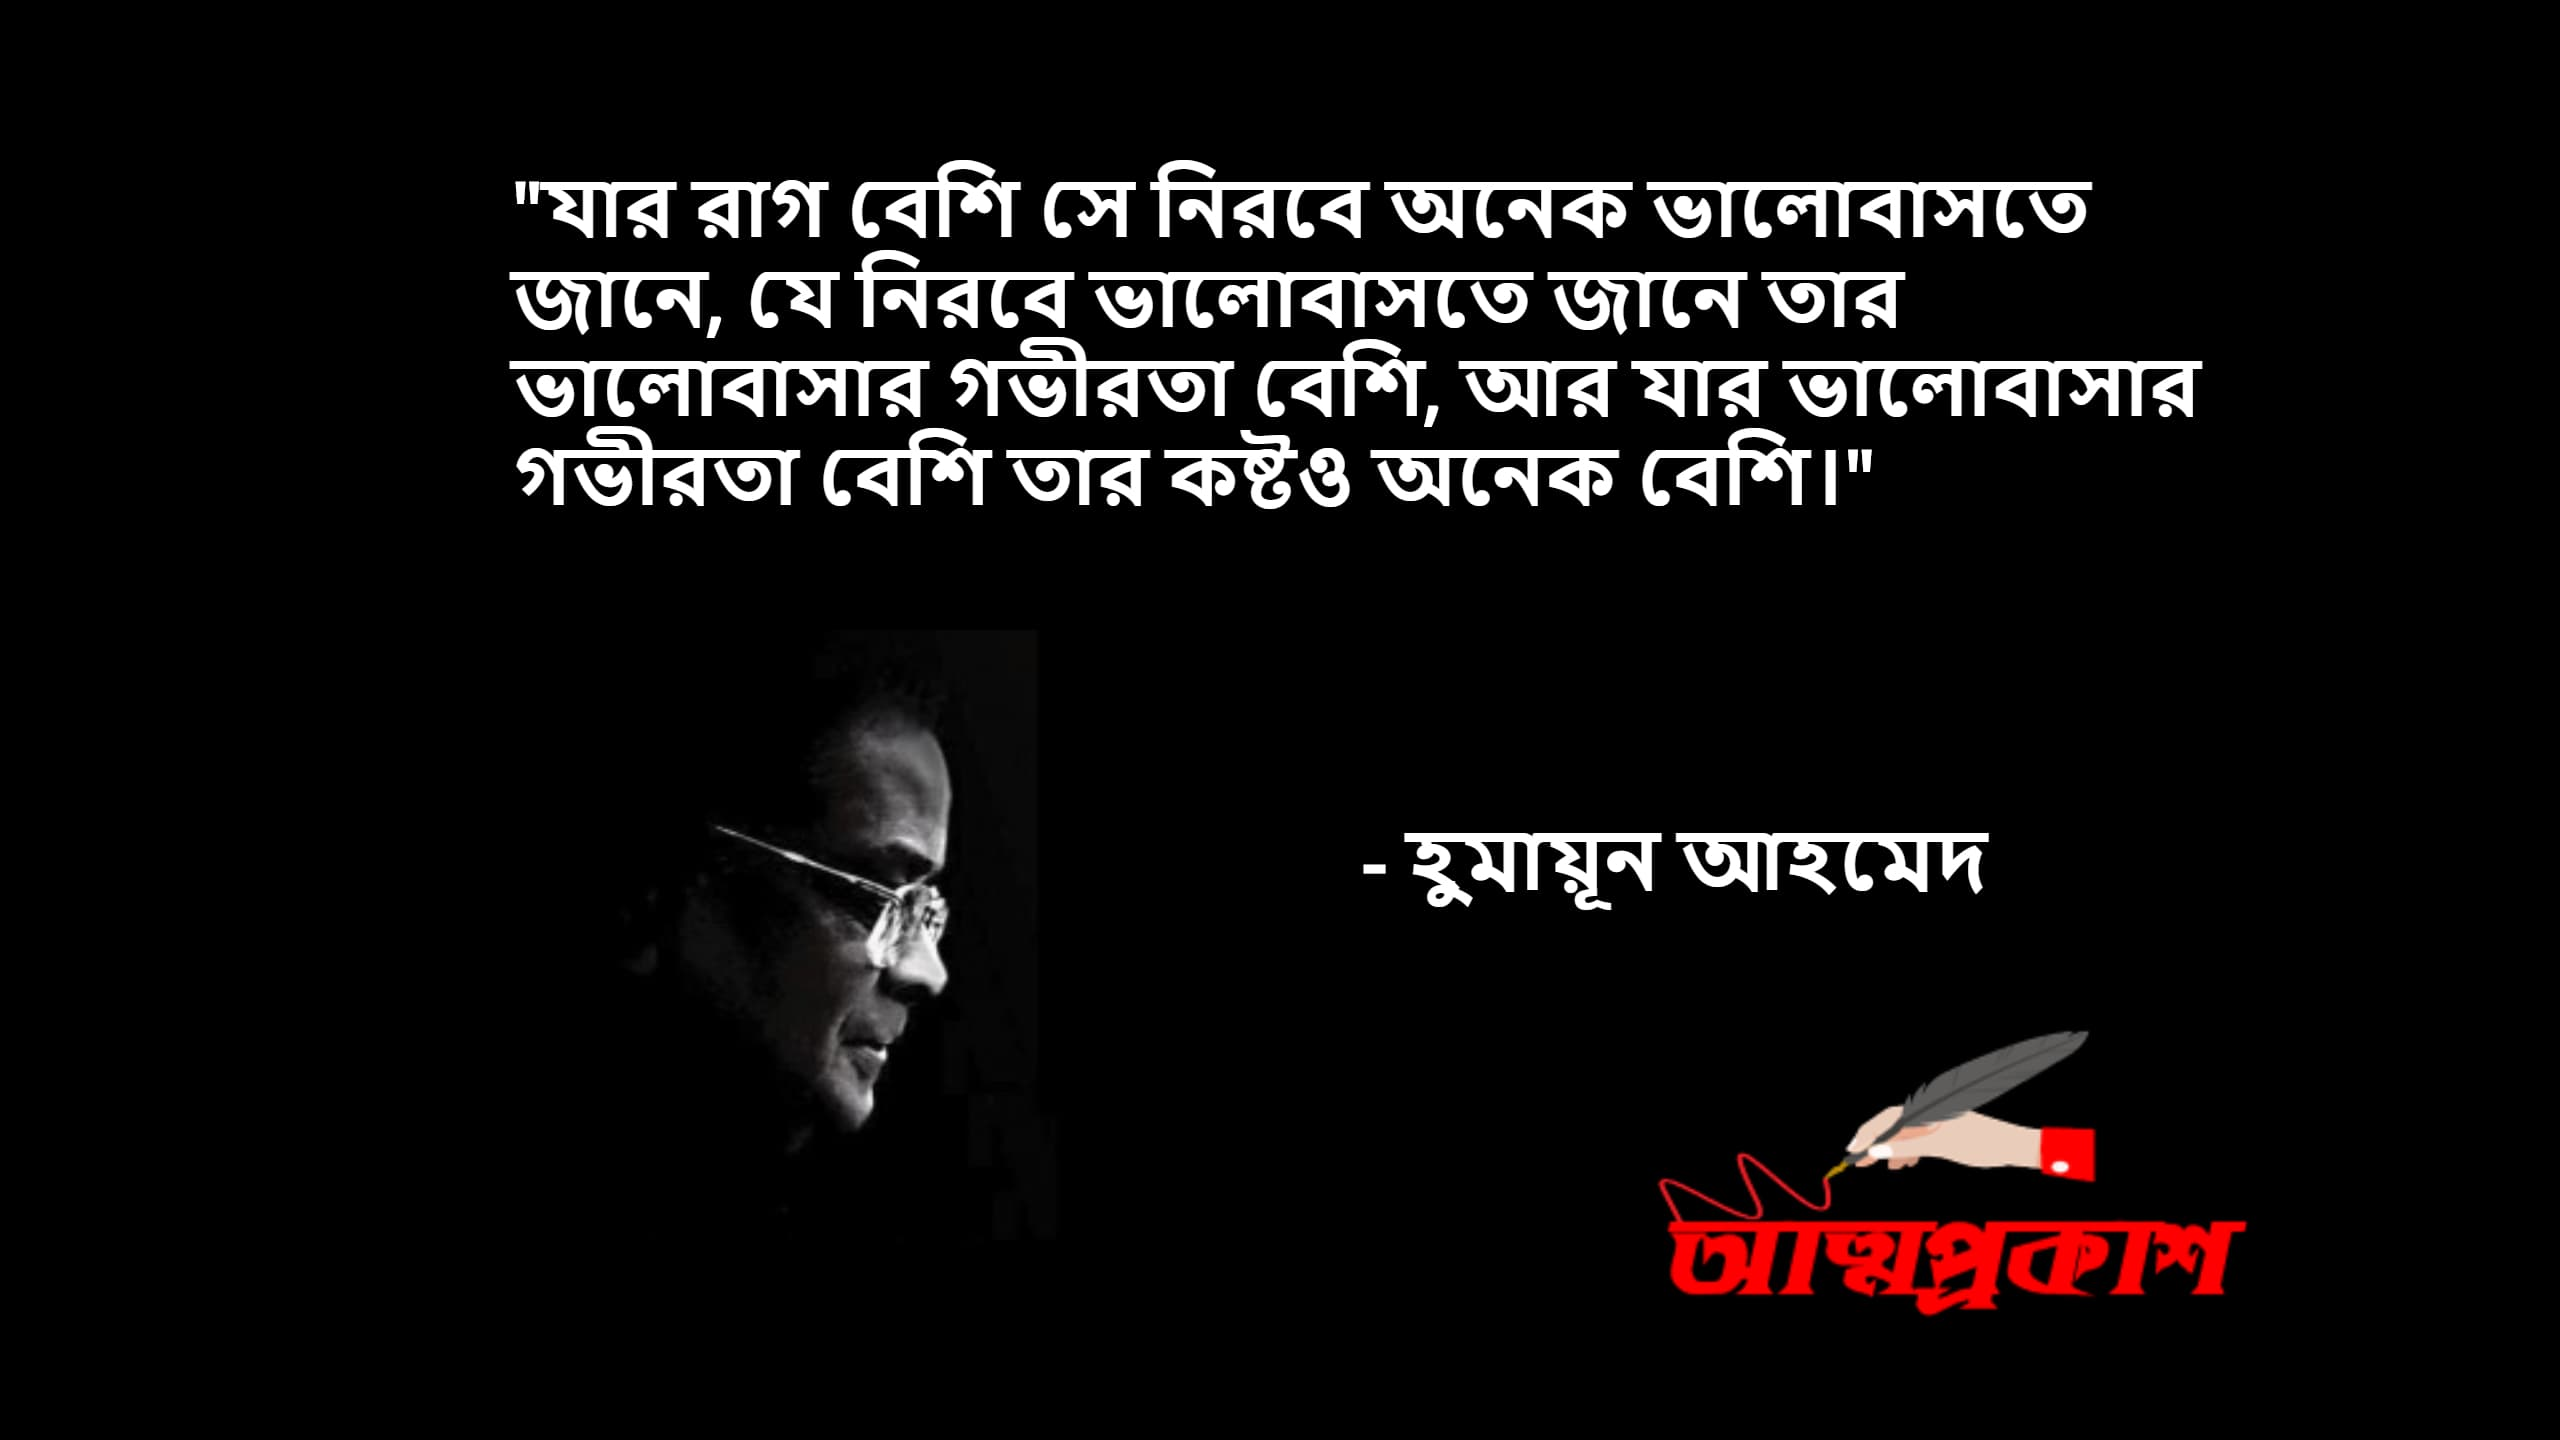 প্রেম-নিয়ে-হুমায়ূন-আহমেদের-উক্তি-humayun-ahmed-quotes-about-love2-bangla-bani